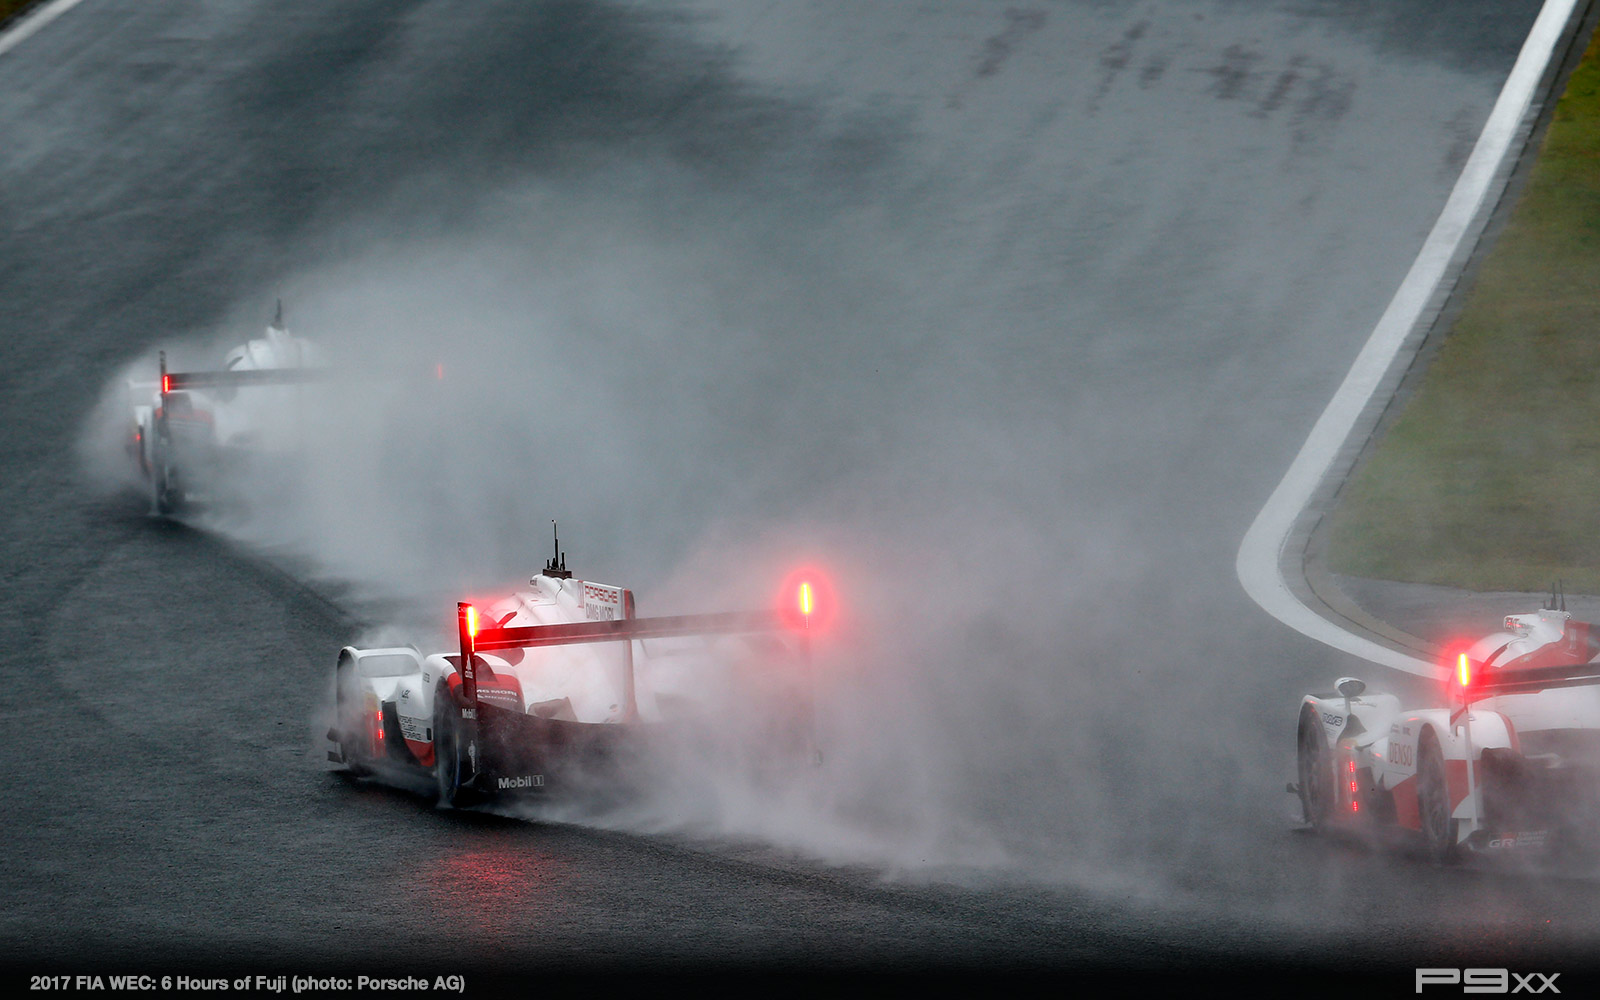 2017-FIA-WEC-6h-of-Fuji-Porsche-437